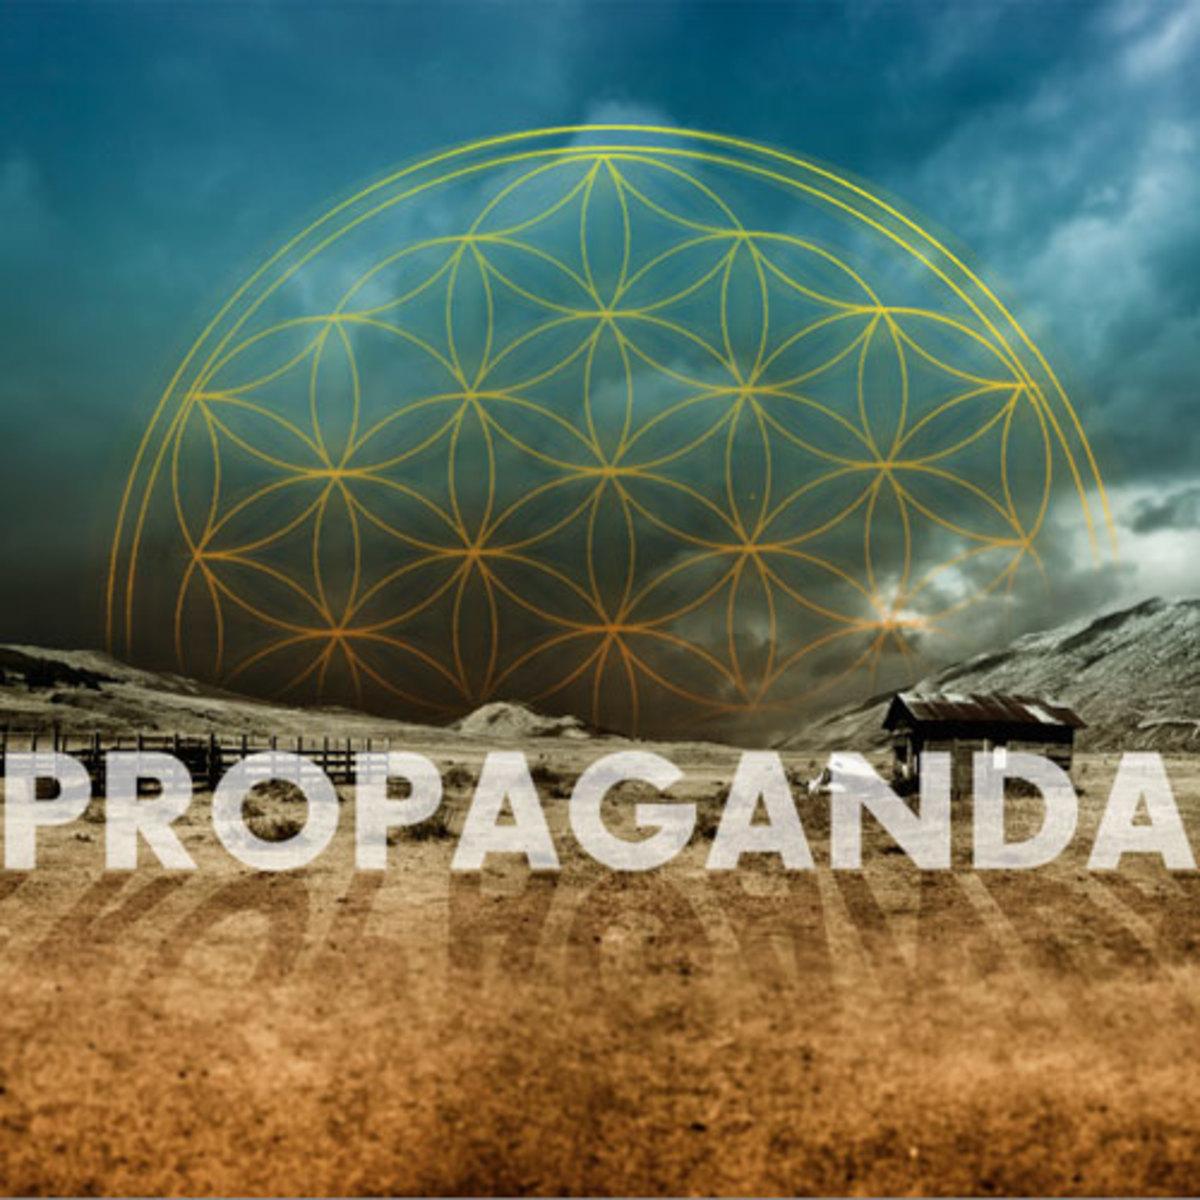 avi-propaganda.jpg